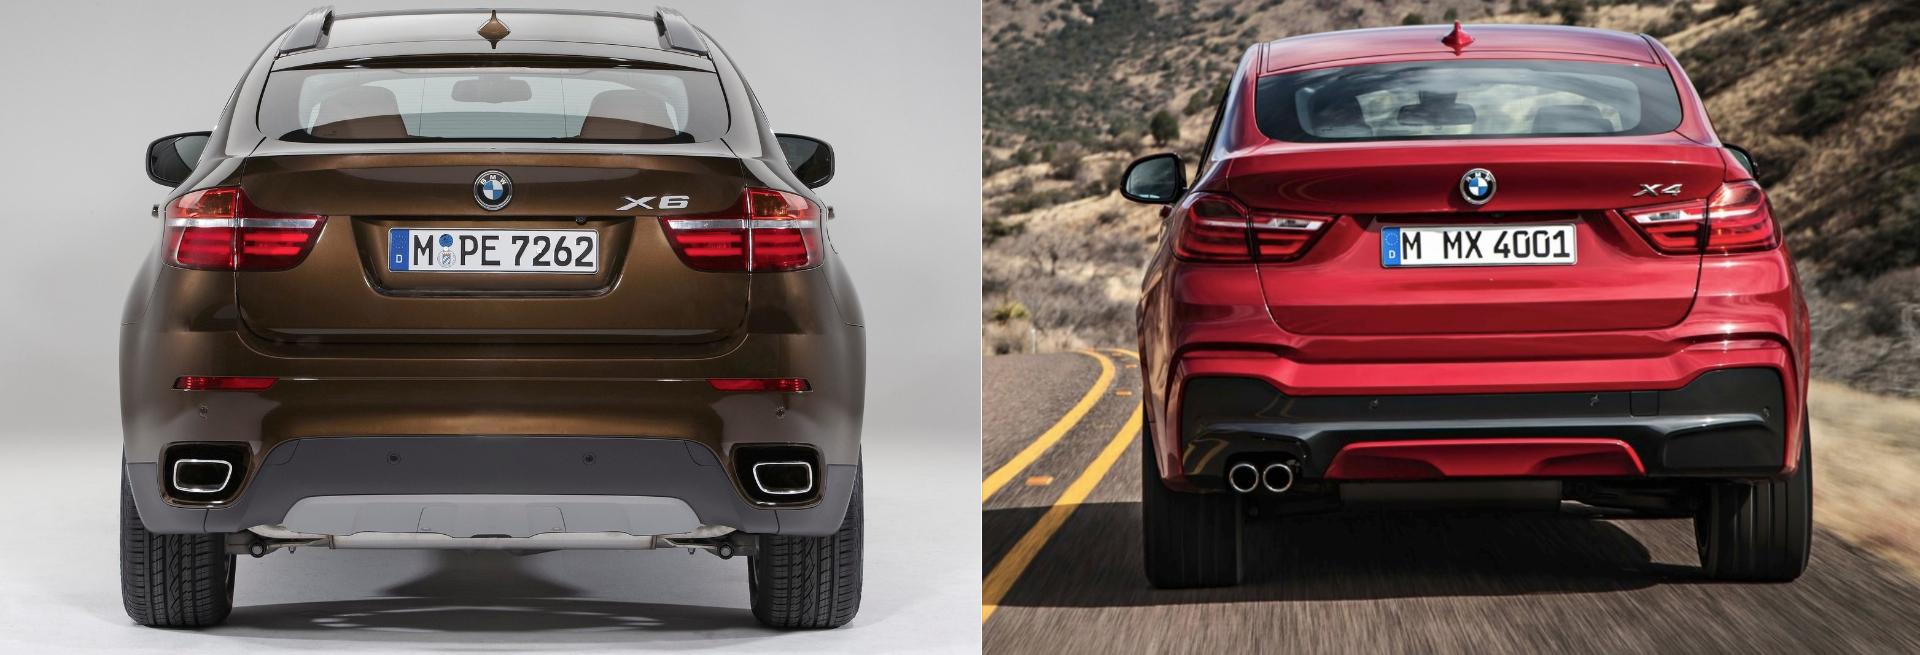 BMW X6 BMW X4 comparativa zaga